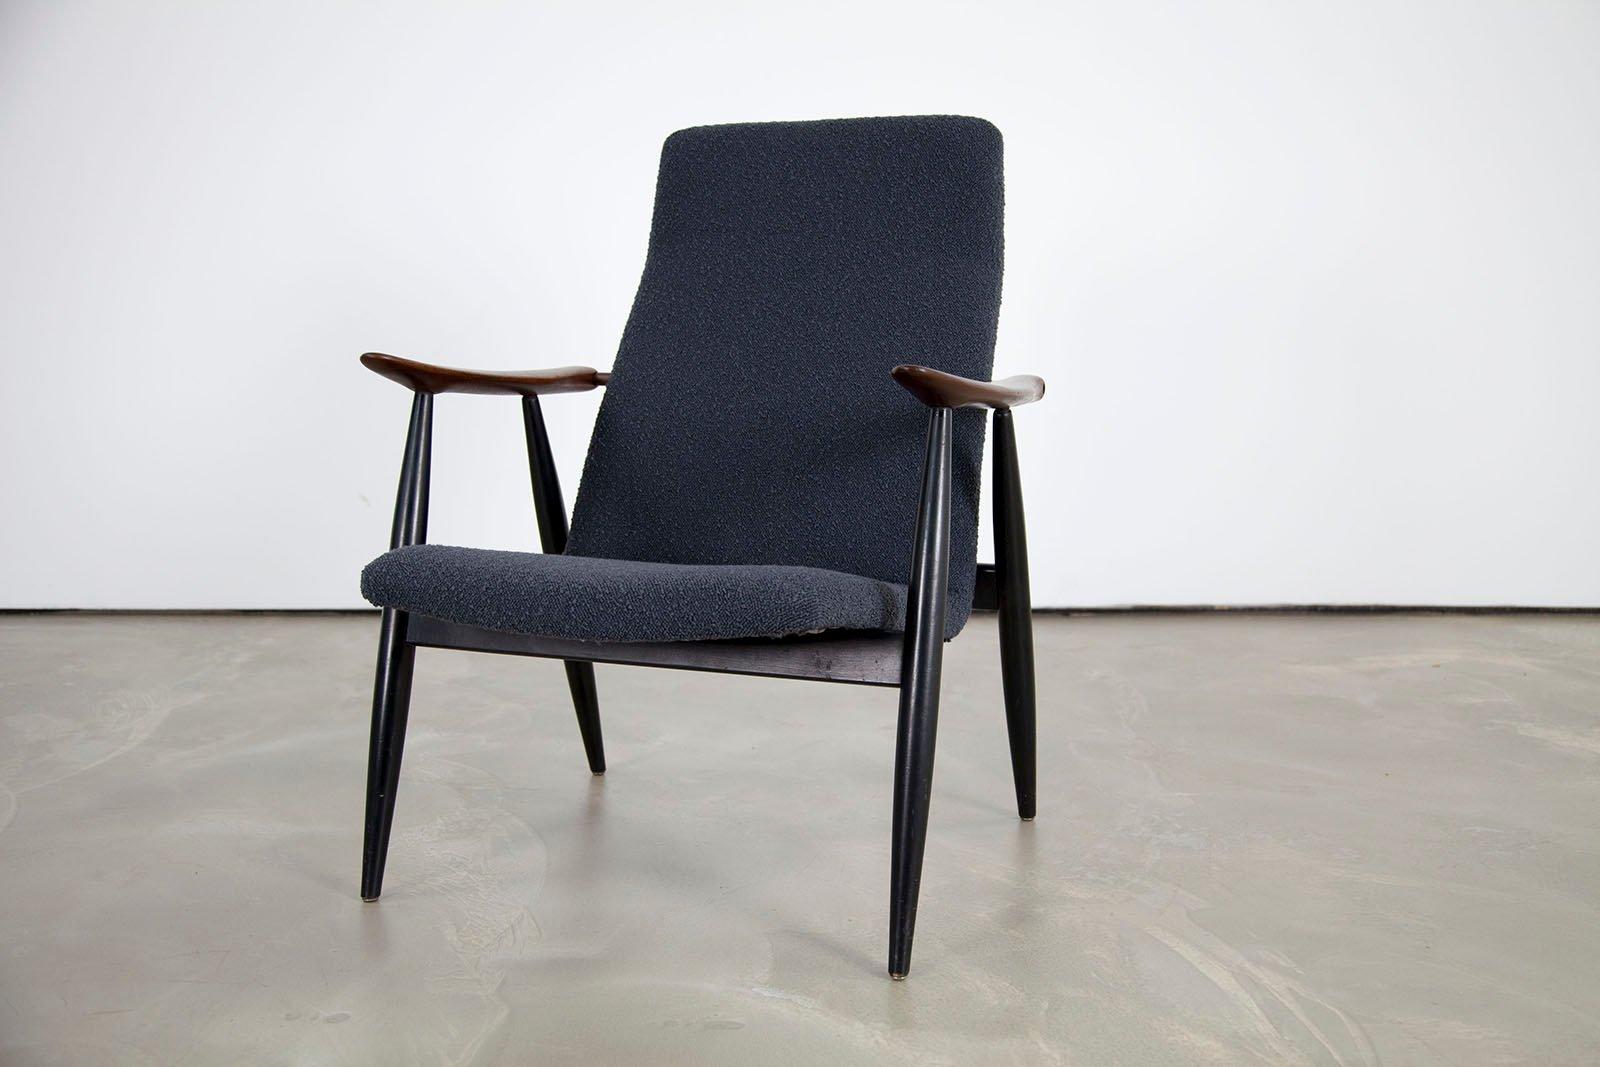 chaise longue vintage scandinave en teck par olli borg. Black Bedroom Furniture Sets. Home Design Ideas